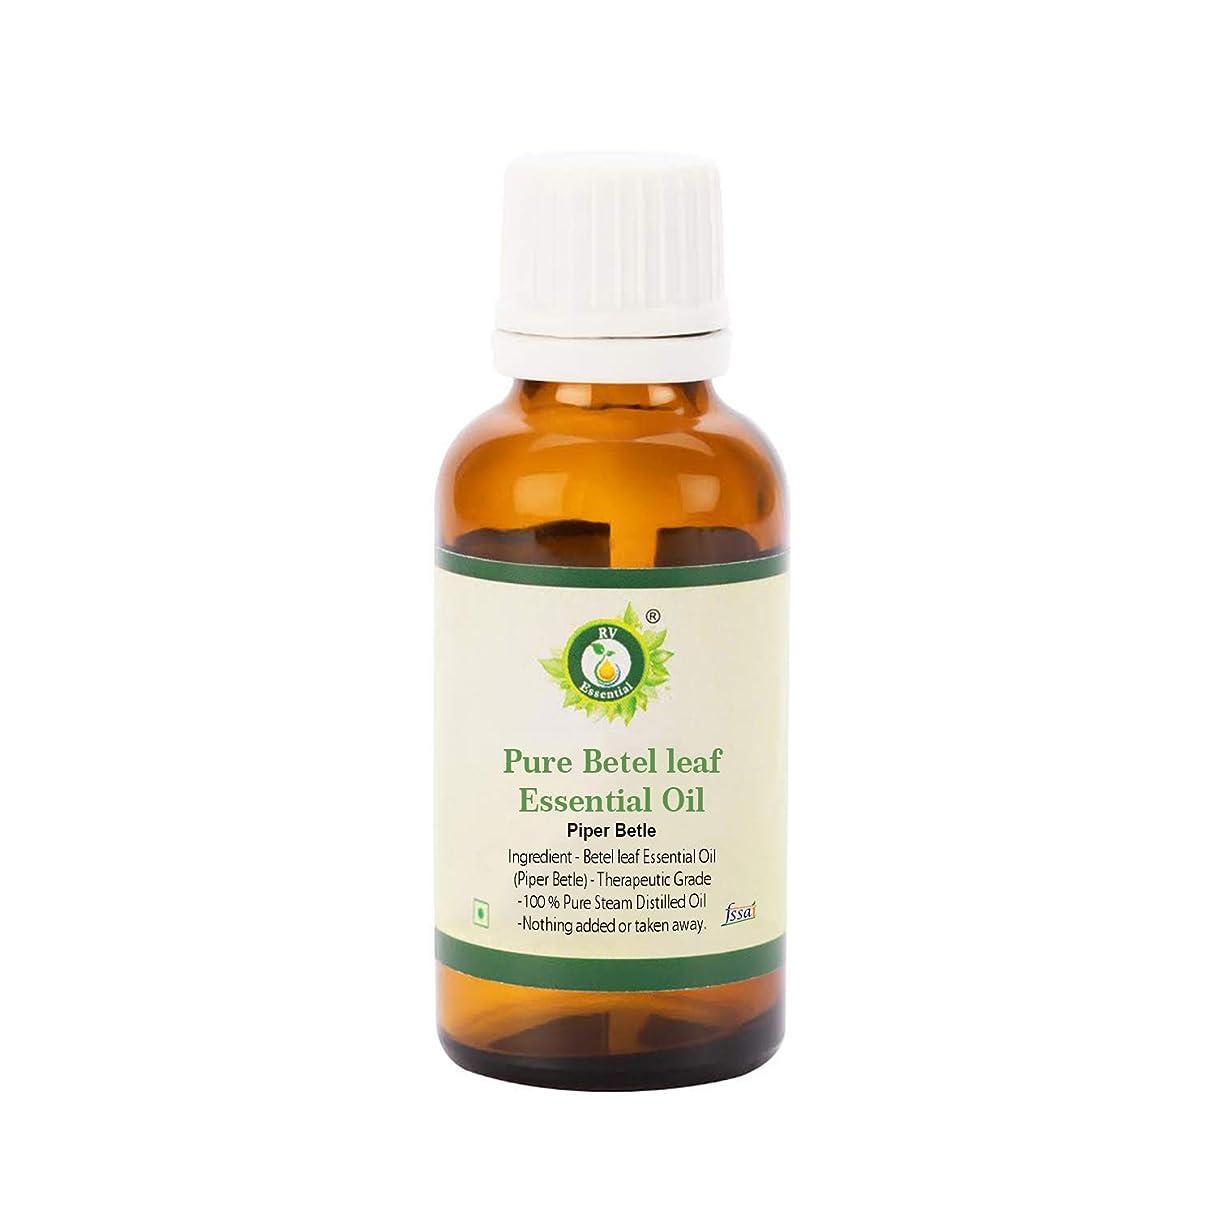 せがむ抽出終了するR V Essential ピュアBetel葉エッセンシャルオイル15ml (0.507oz)- Piper Betle (100%純粋&天然スチームDistilled) Pure Betel leaf Essential Oil